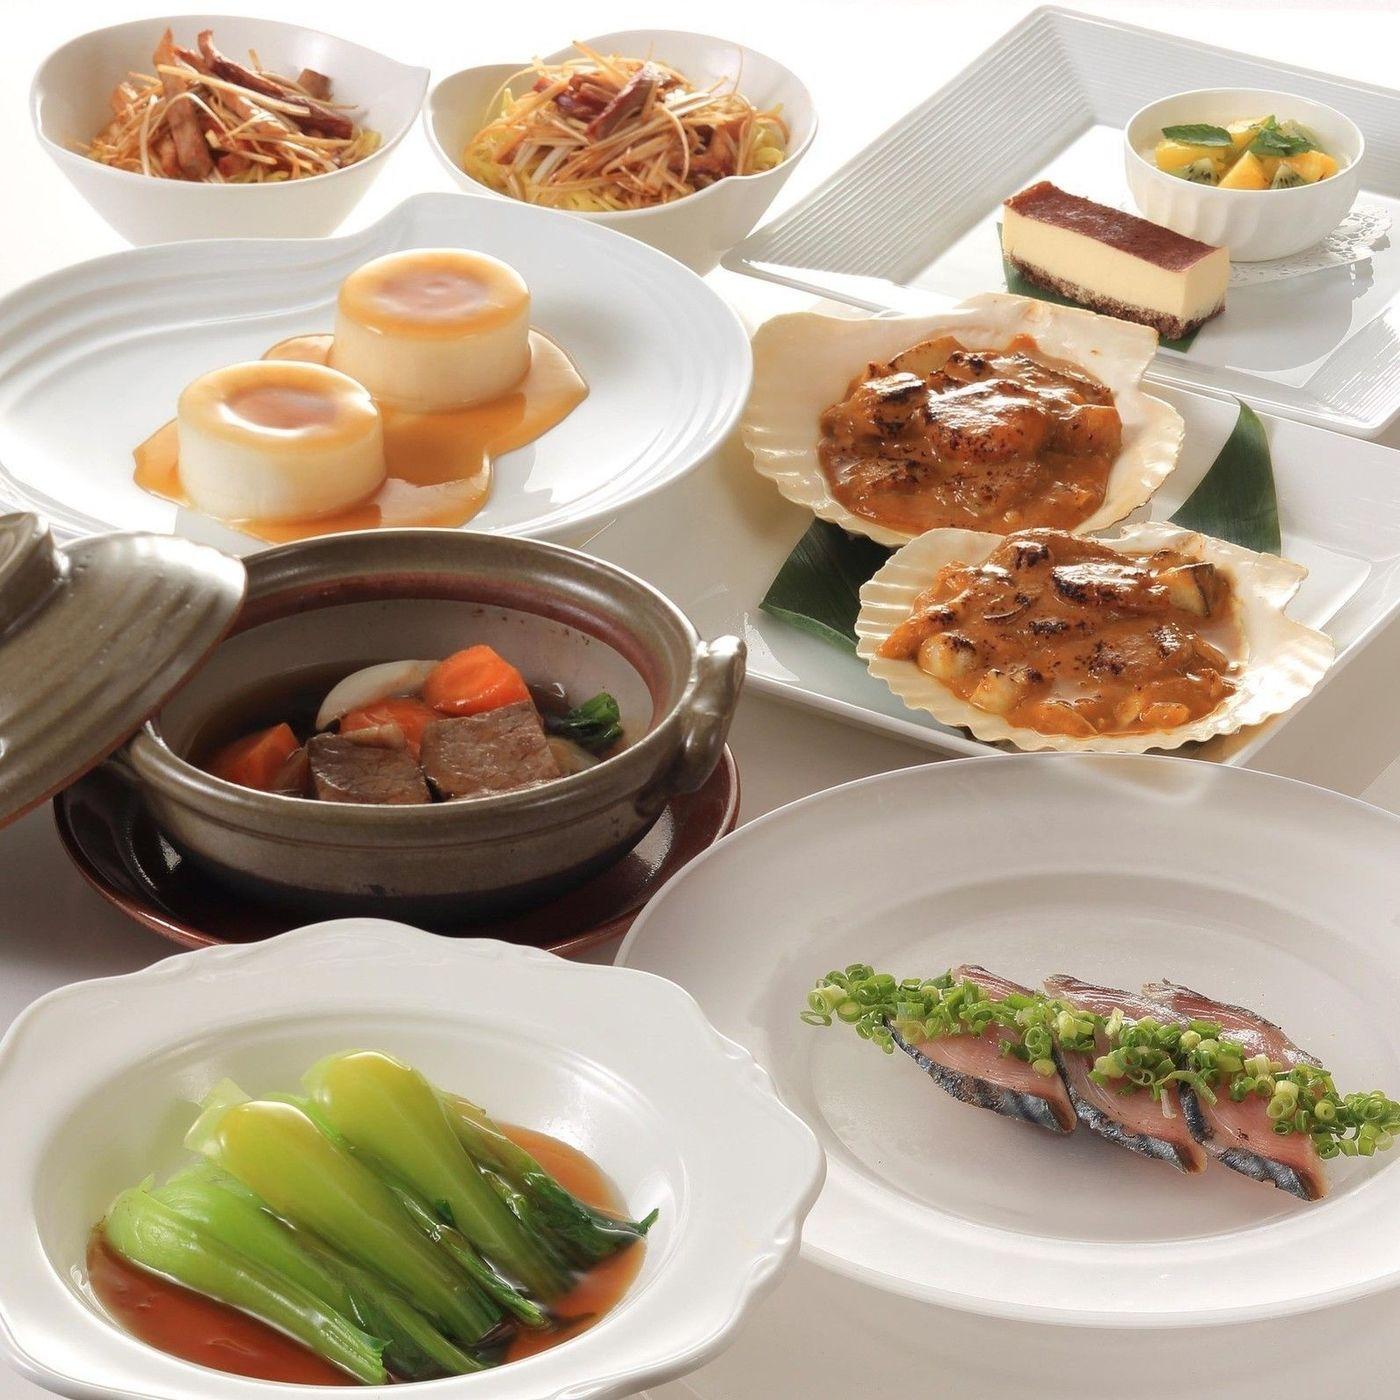 福島県でディナーを楽しみたい方へ!おすすめのお店9店舗ご紹介♪の画像